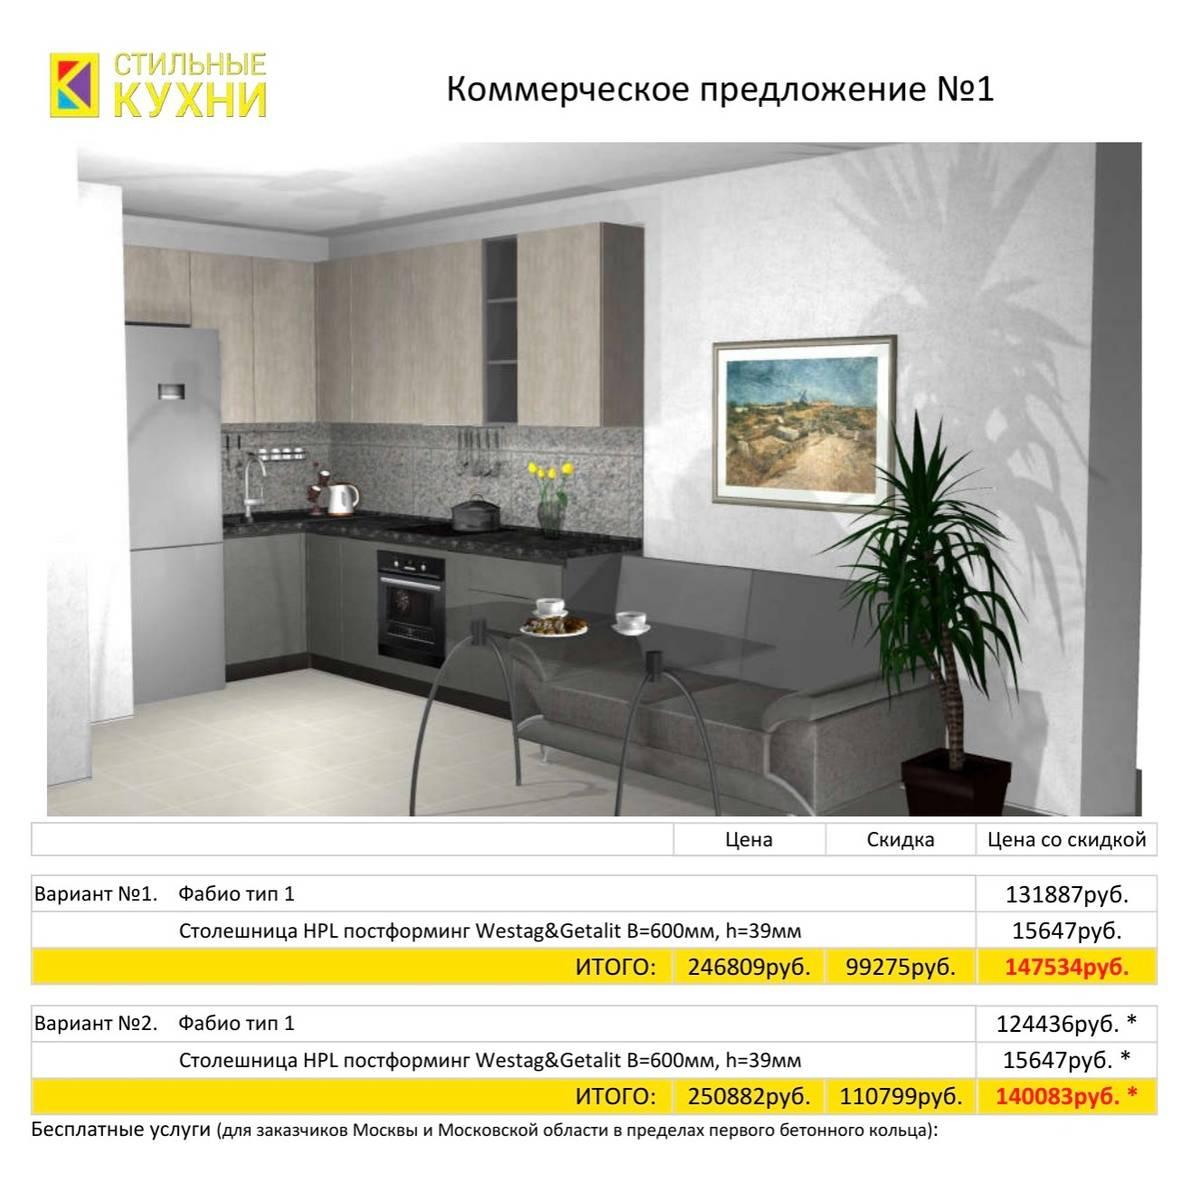 «Стильные кухни» сделали большую скидку: в&nbsp;первом варианте 99&nbsp;275&nbsp;<span class=ruble>Р</span>, а&nbsp;во&nbsp;втором — 110&nbsp;799&nbsp;<span class=ruble>Р</span>. Это&nbsp;цены без&nbsp;техники